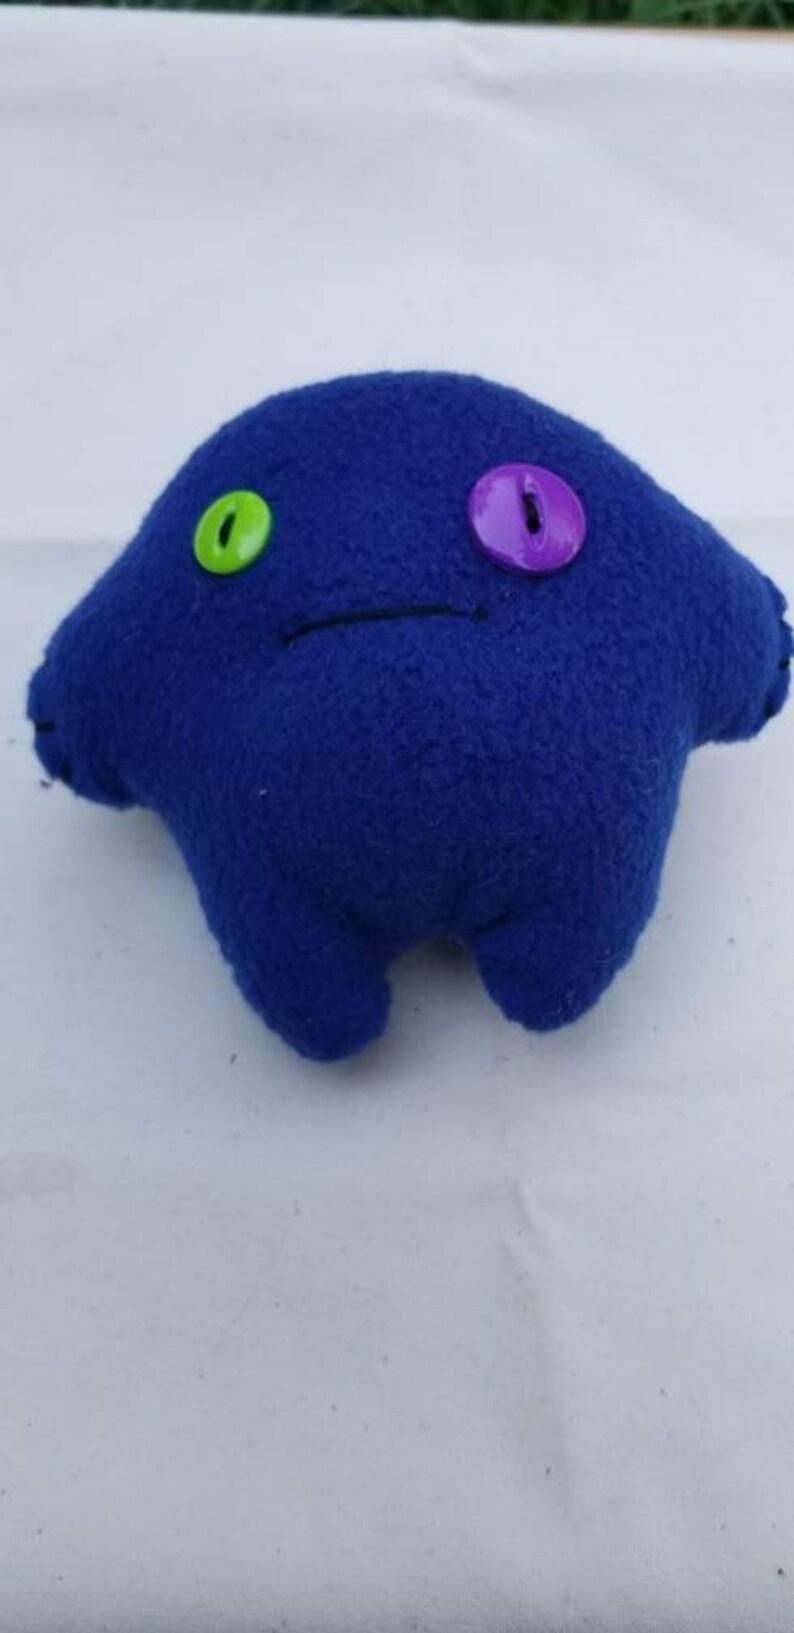 Pocko plushie toy